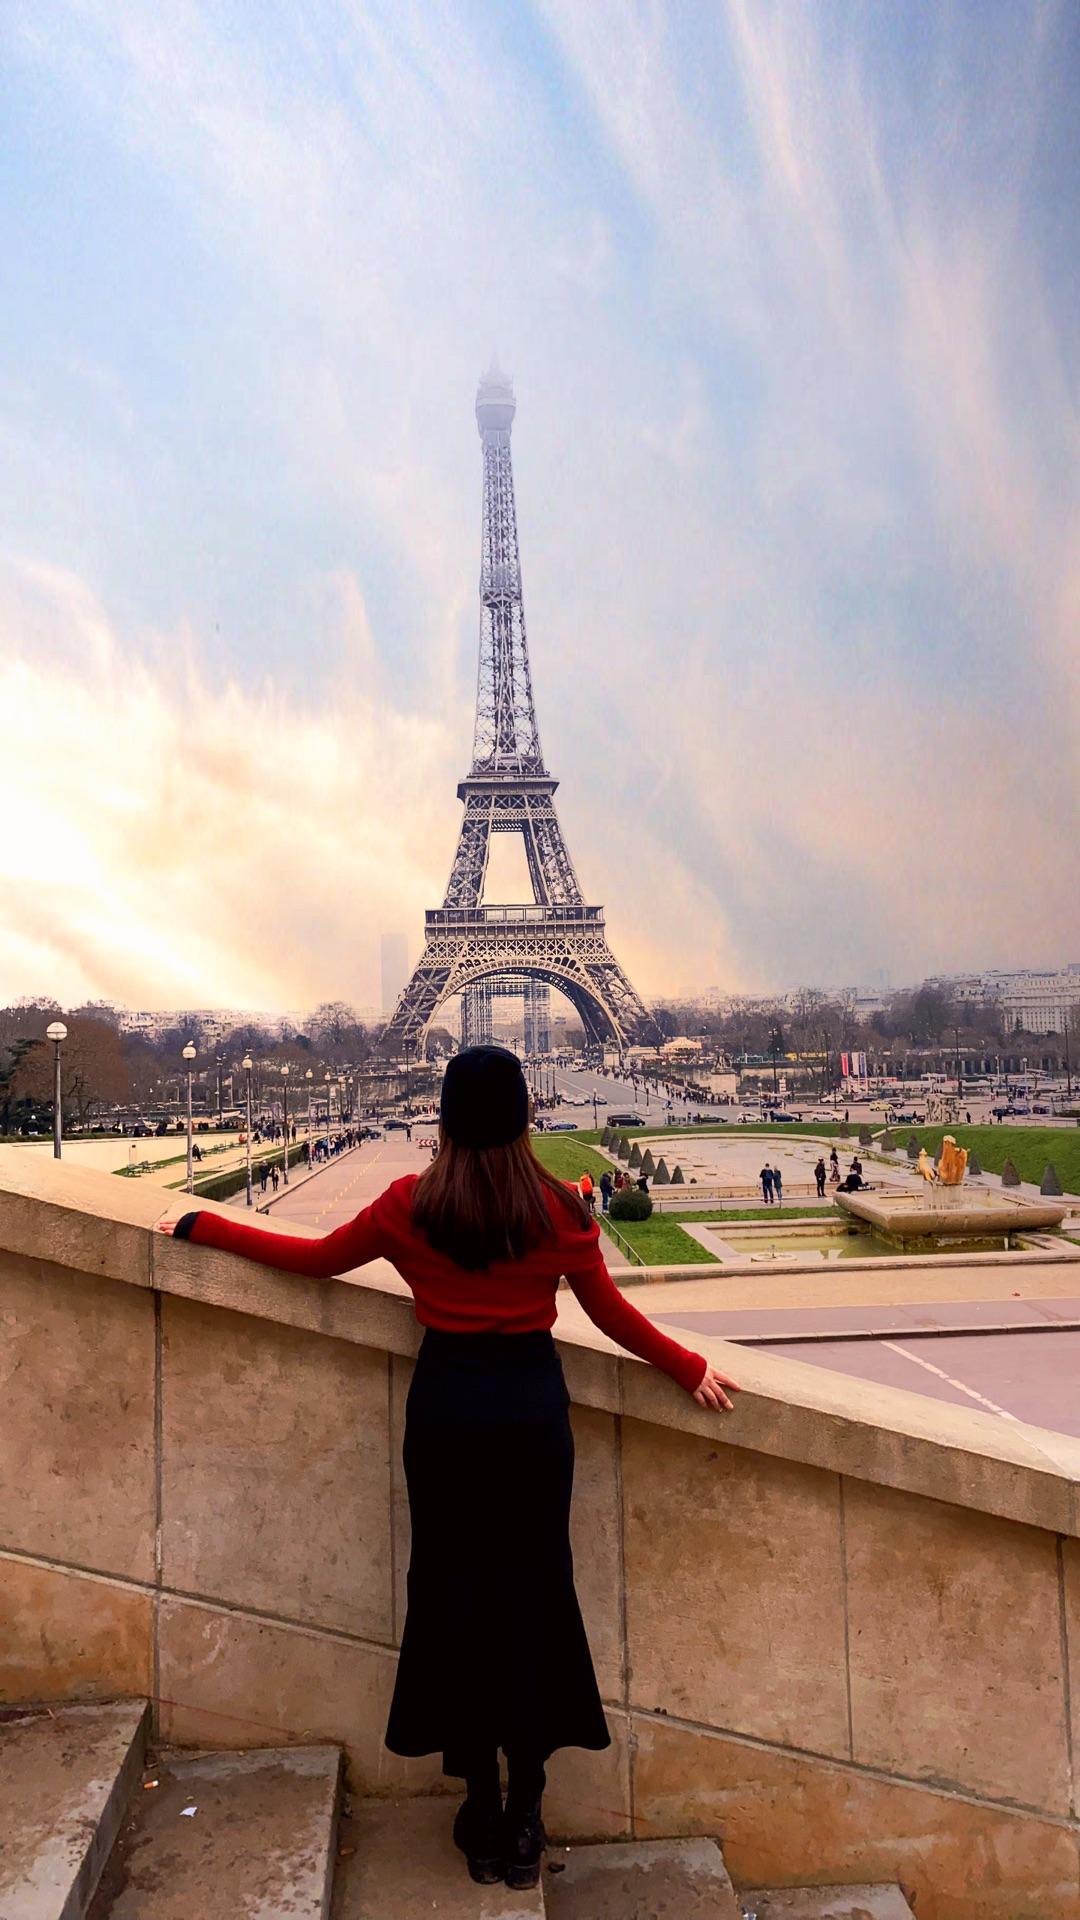 ·2020年春节法国意大利10日自由行(一)法国篇_游记